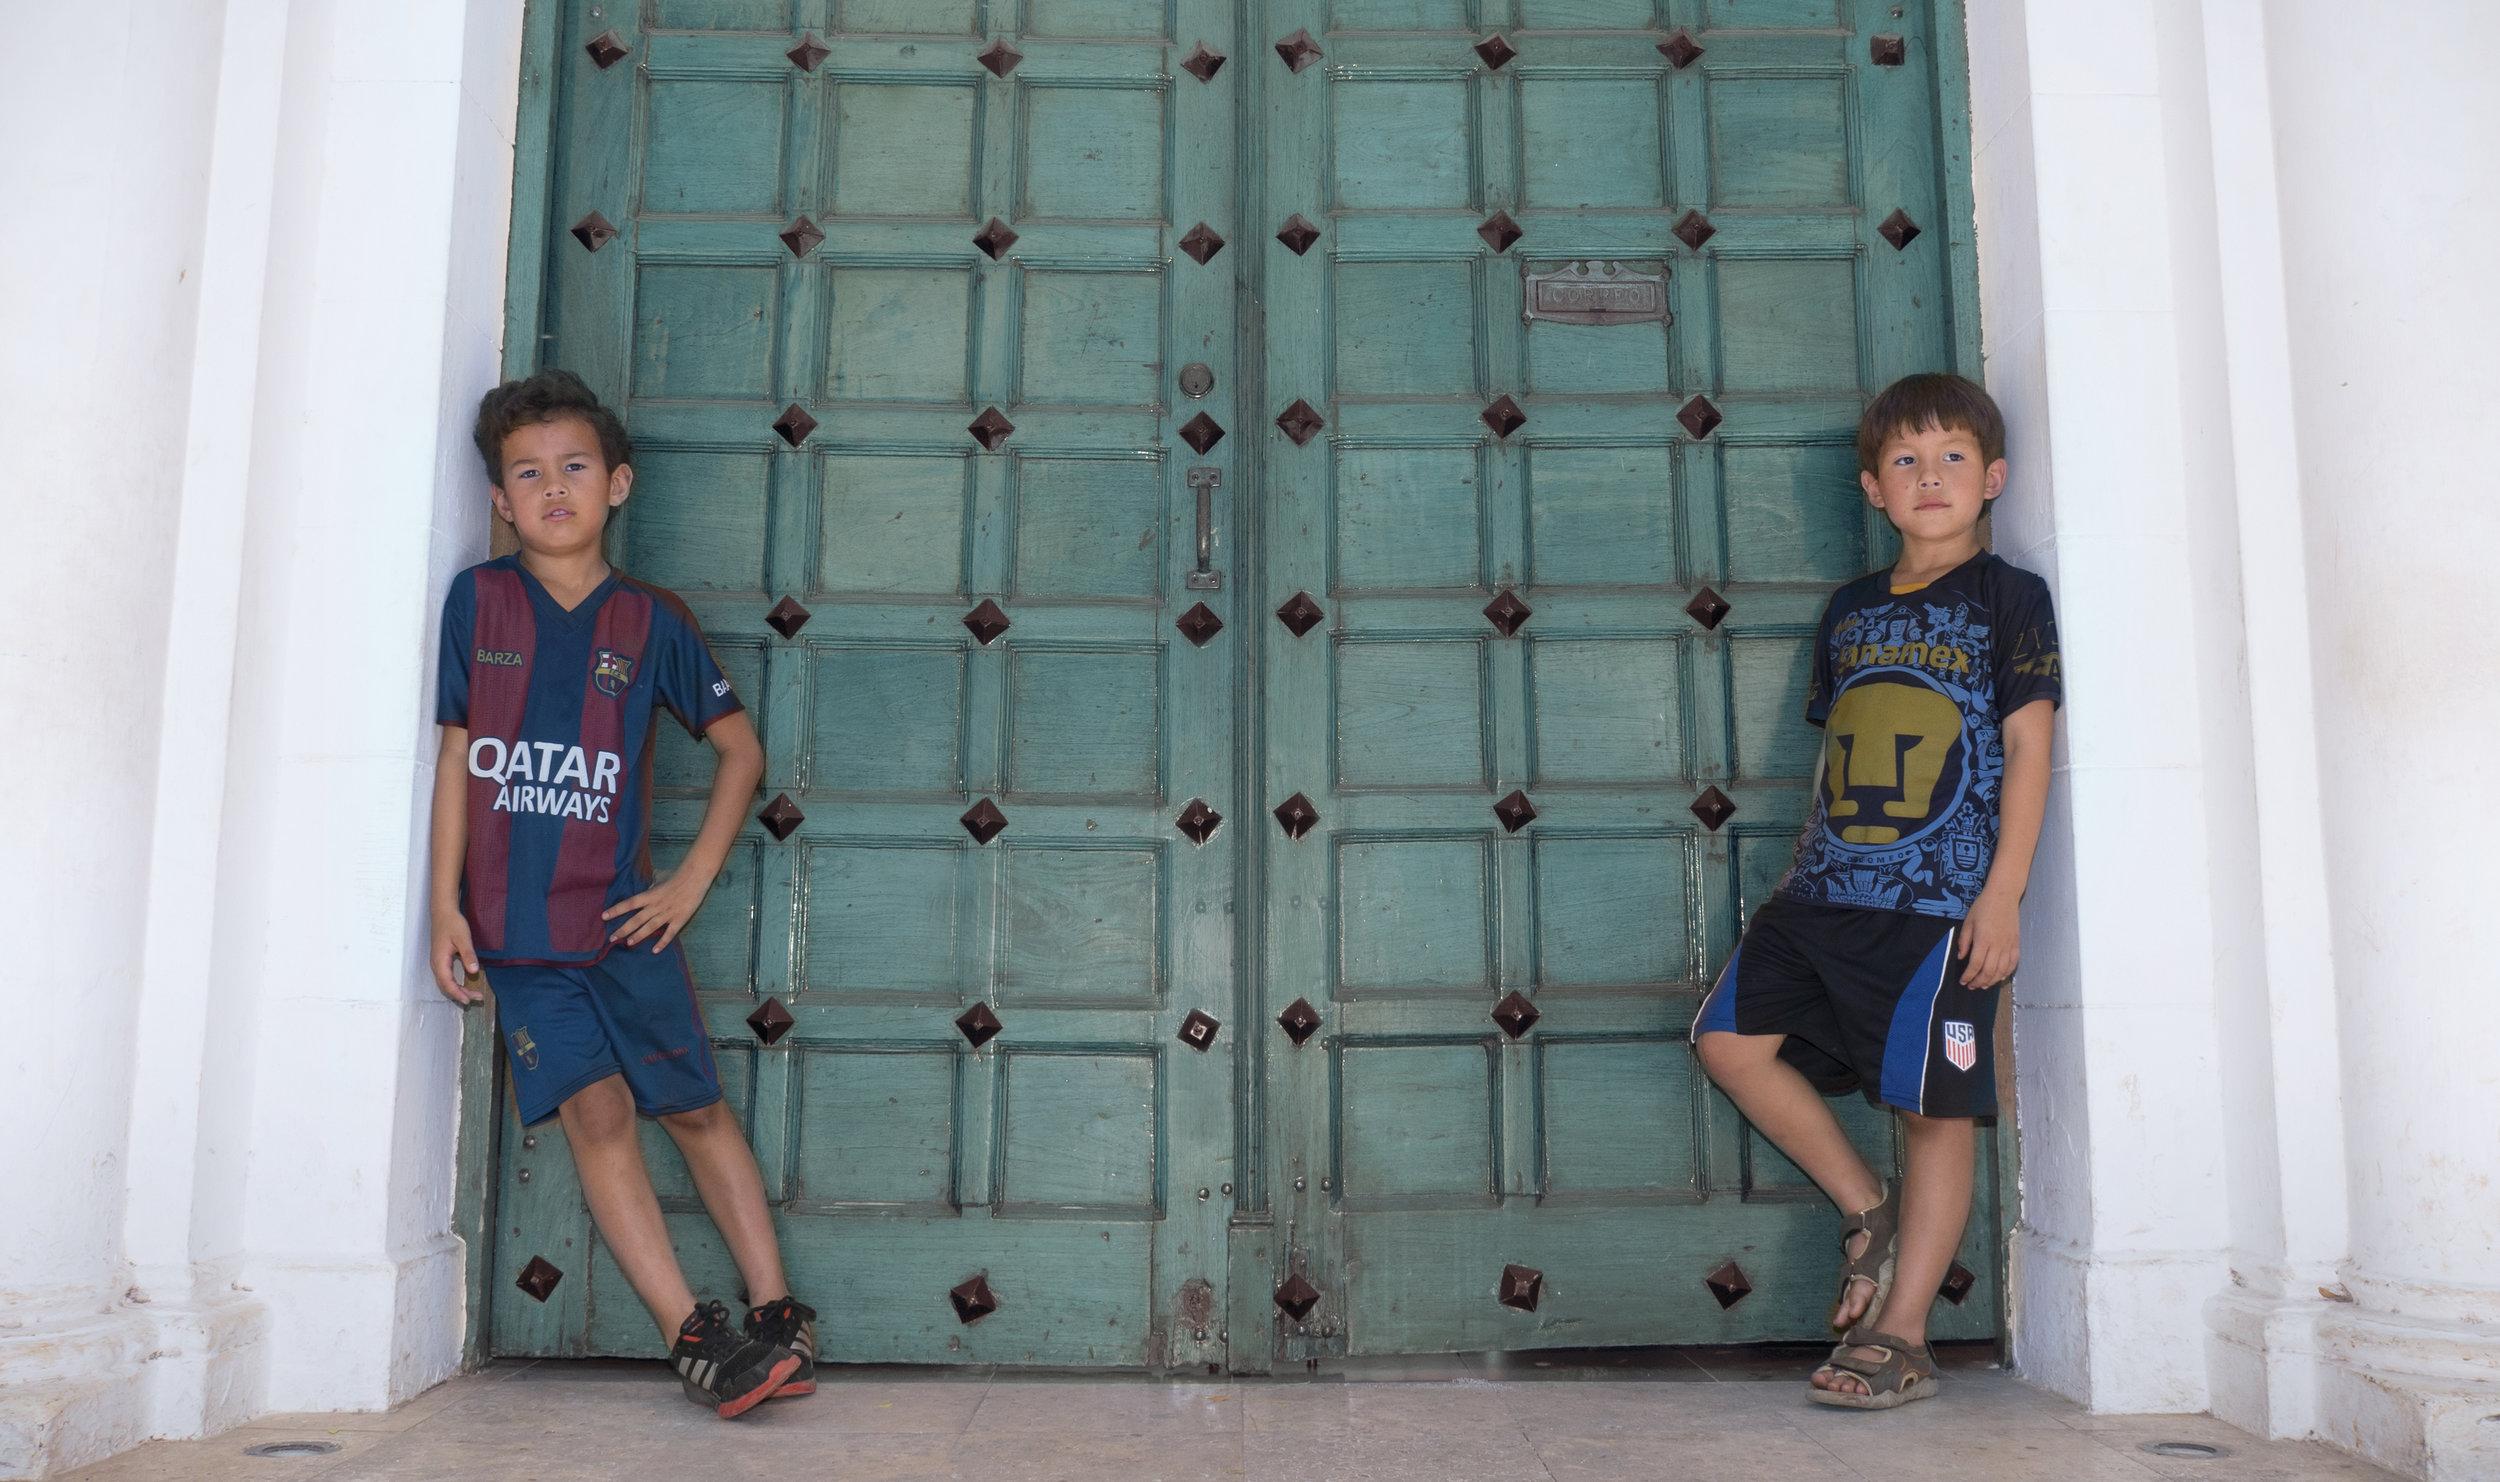 09_WS_BOYS_DOOR_Aquadoor_cropped.jpg